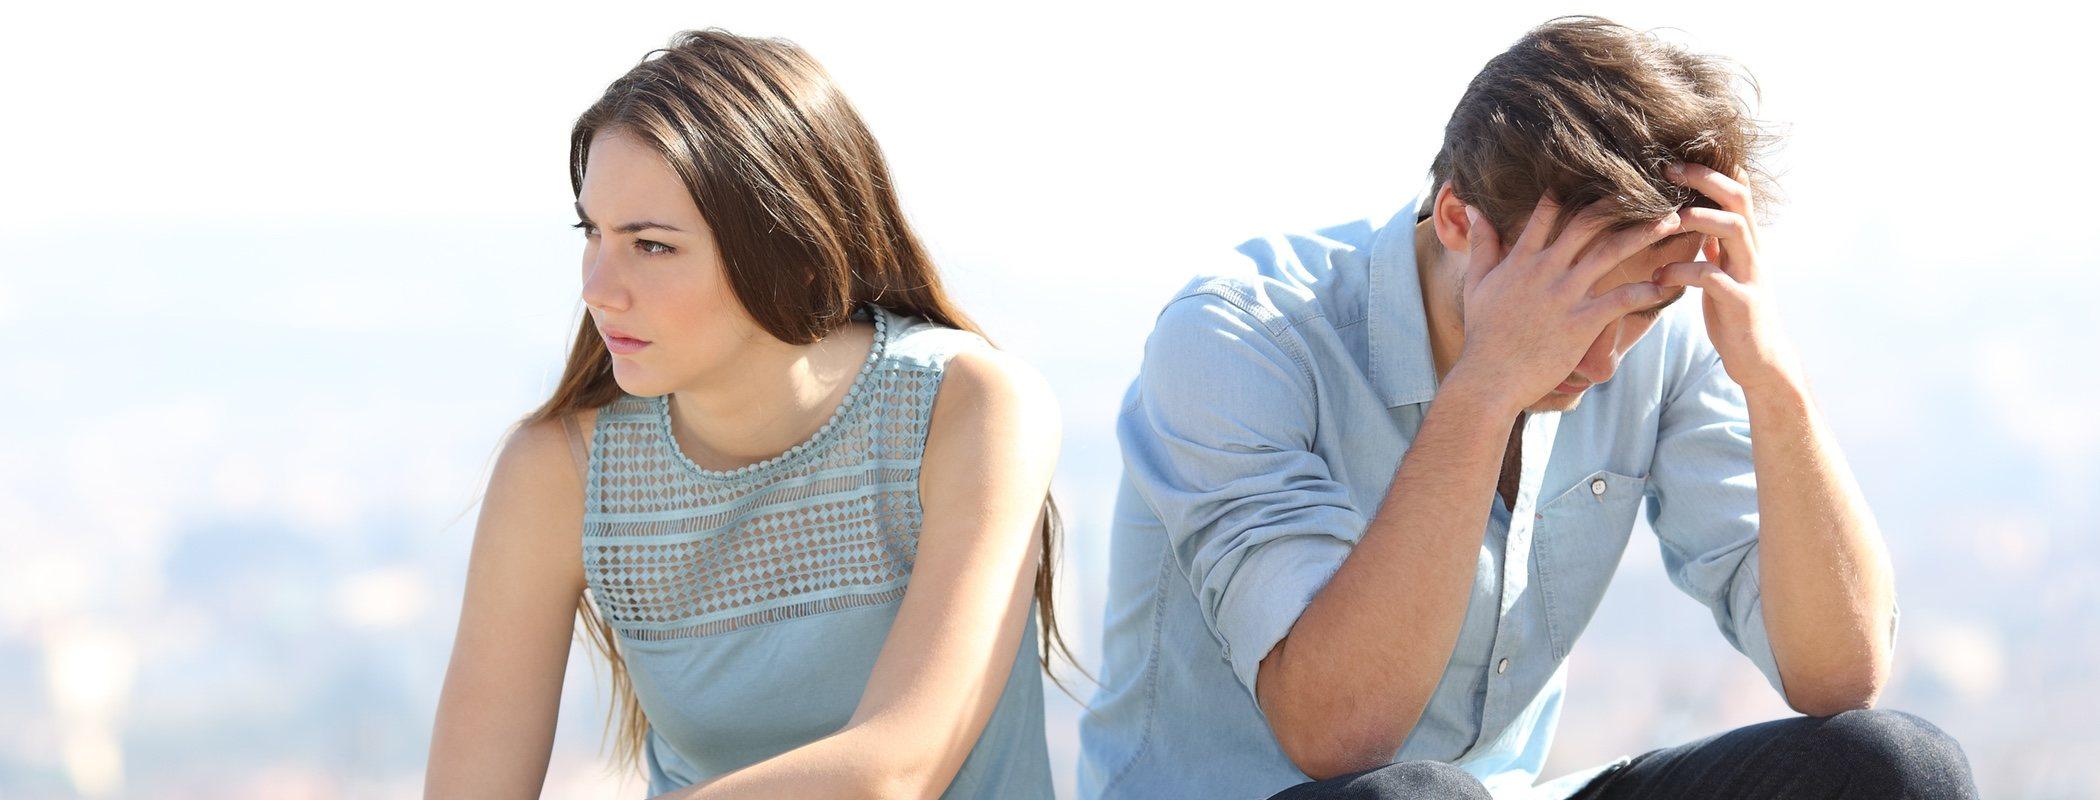 Cómo saber si estás inmerso en una relación tóxica